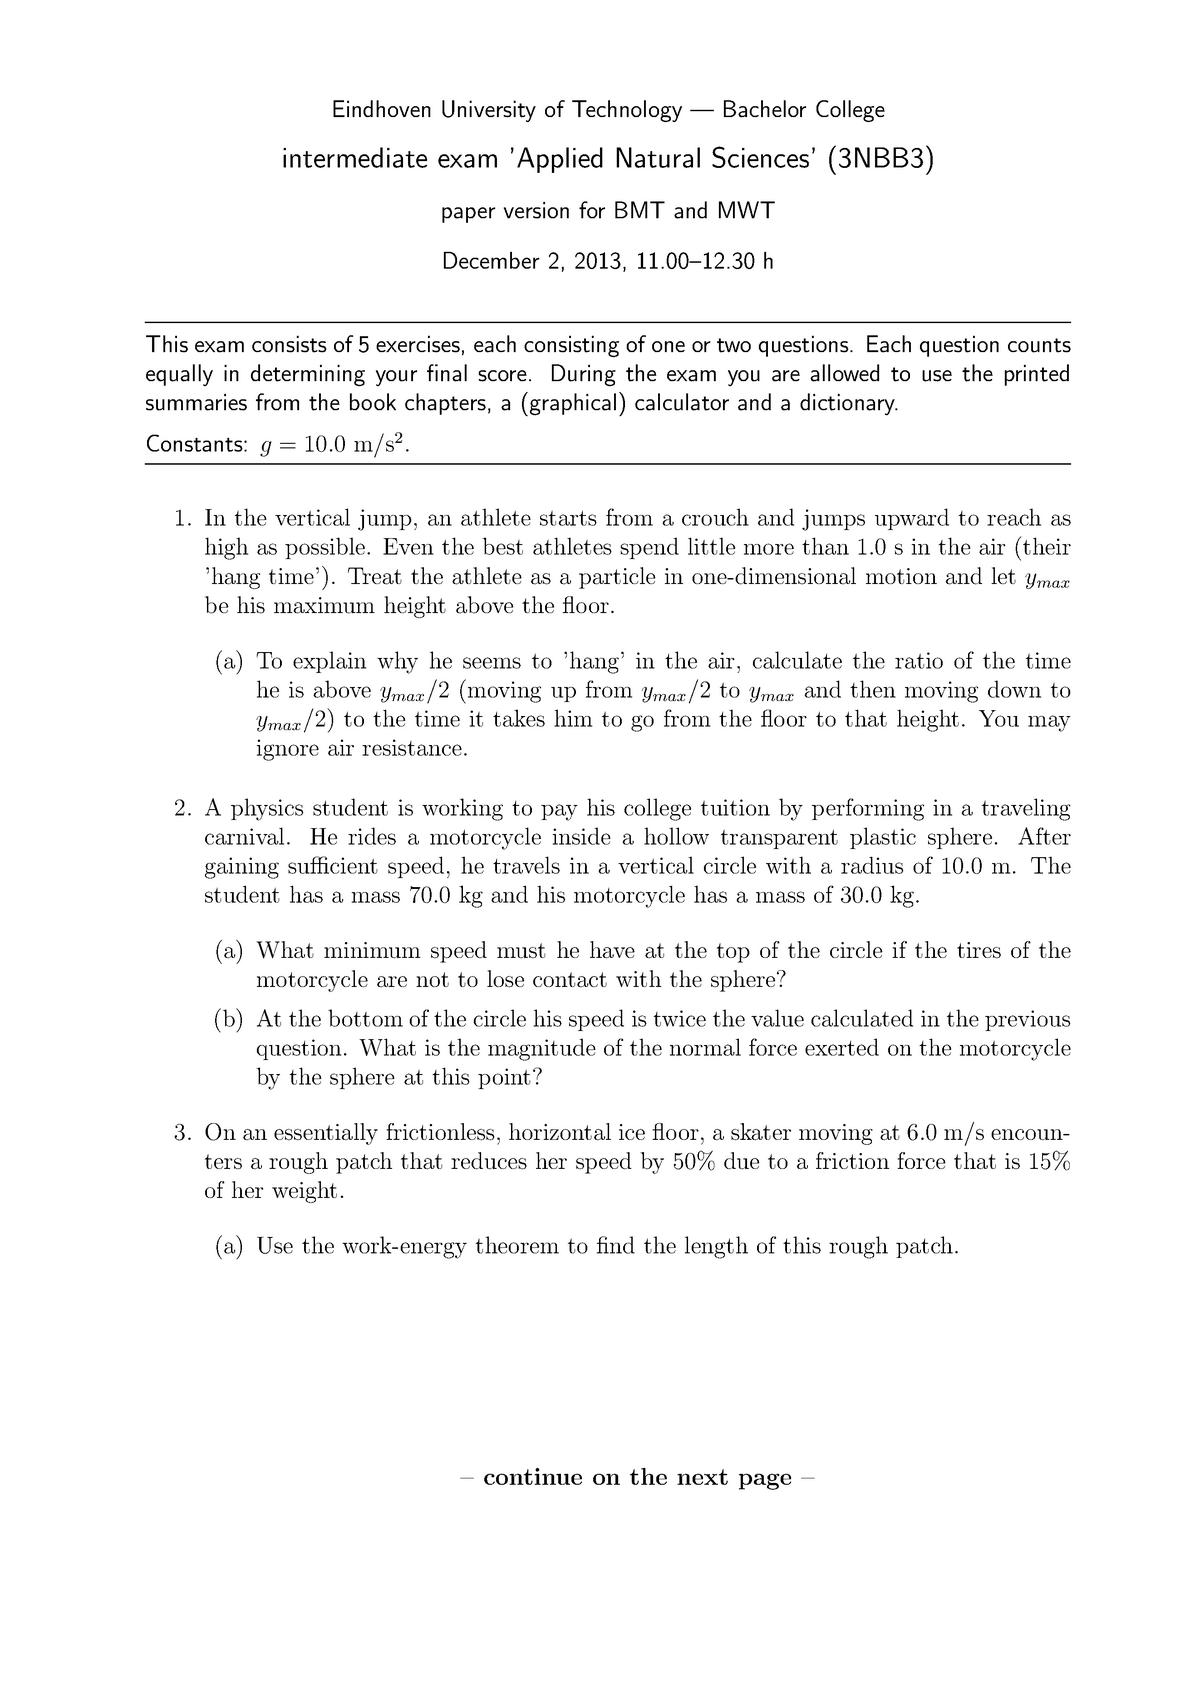 Exam 2013 - 3NBB0: Toegepaste natuurwetenschappen formeel